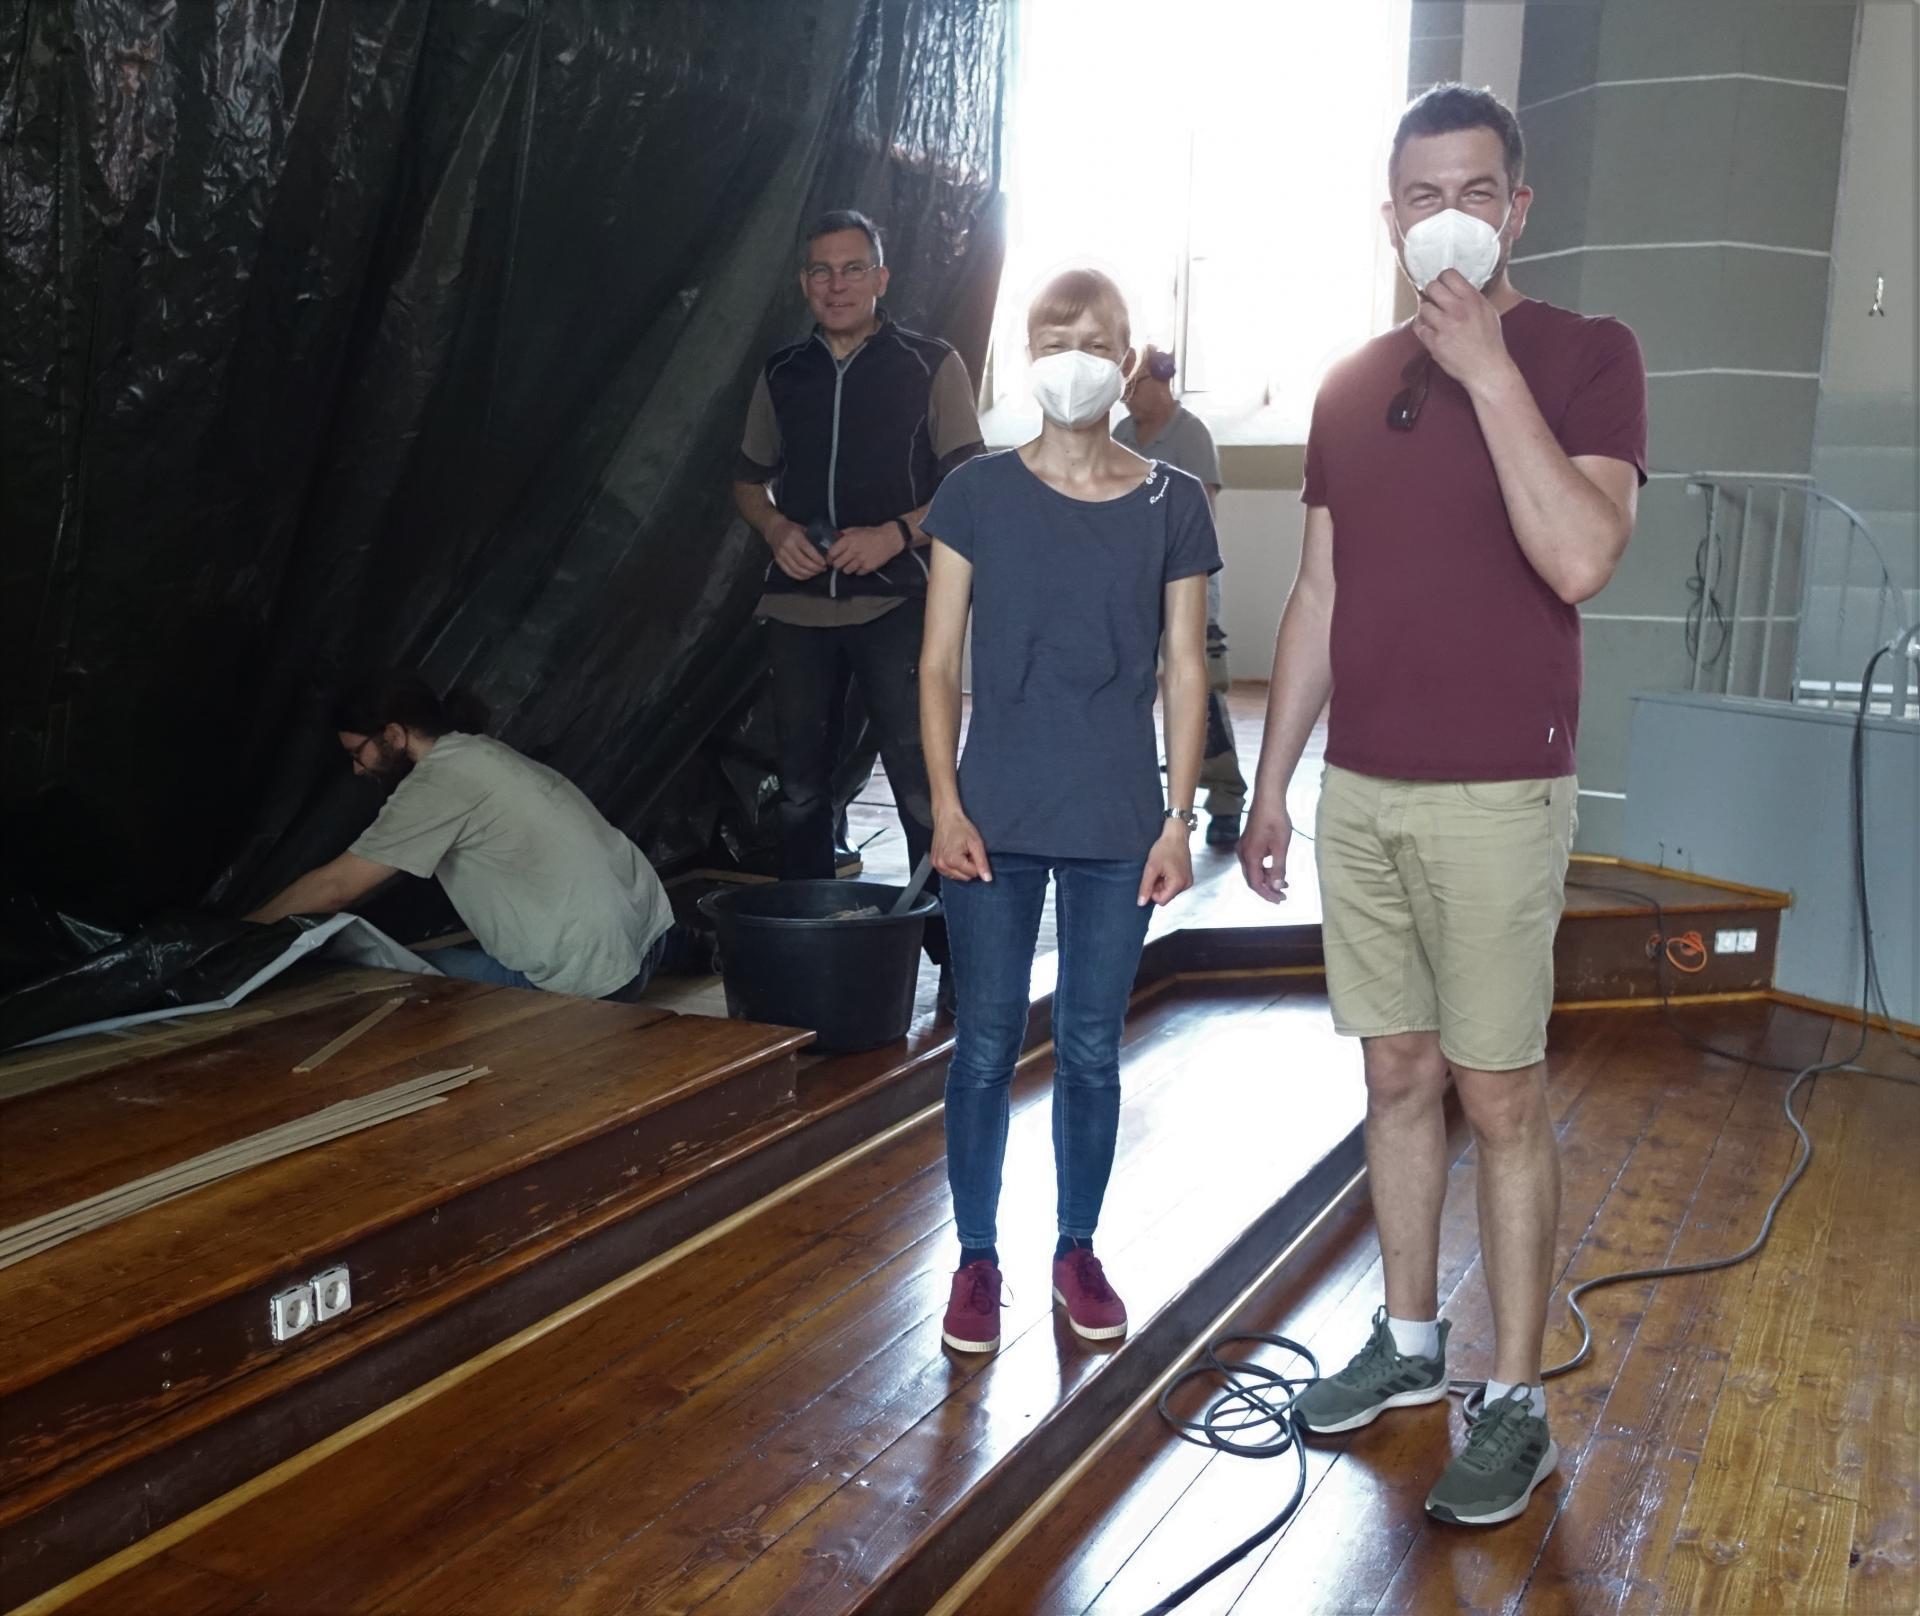 Immer, wenn das Handwerk in die Nähe der Orgel kamen, waren Meike Davids und Benjamin Dippel zur Stelle.